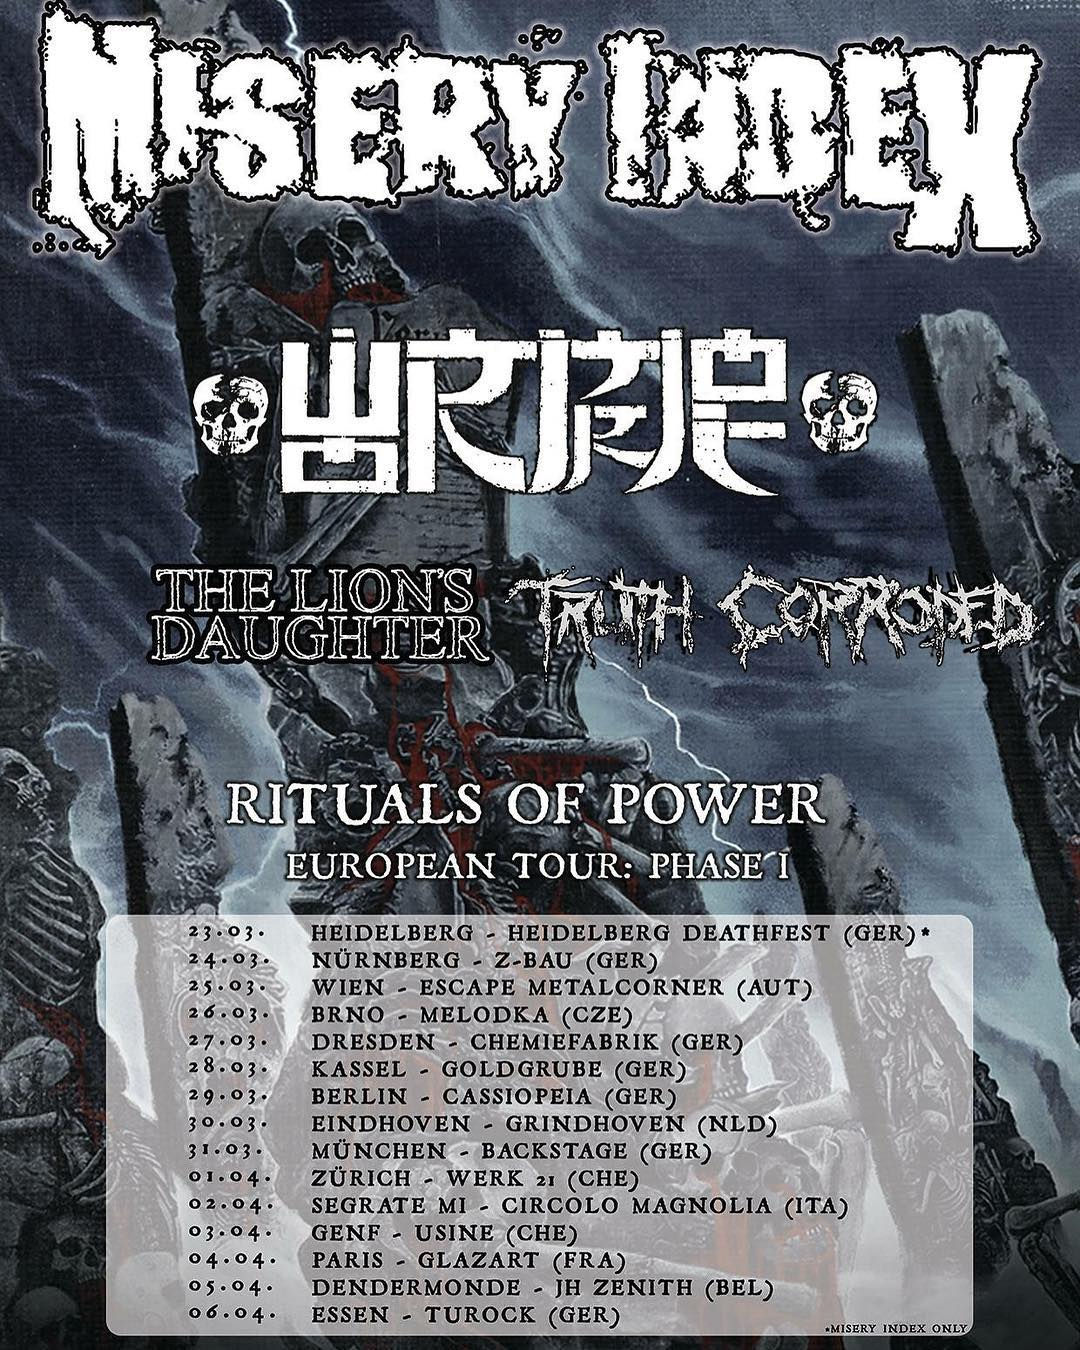 misery-index-auf-tour-mit-ihrem-neuen-album-rituals-of-power